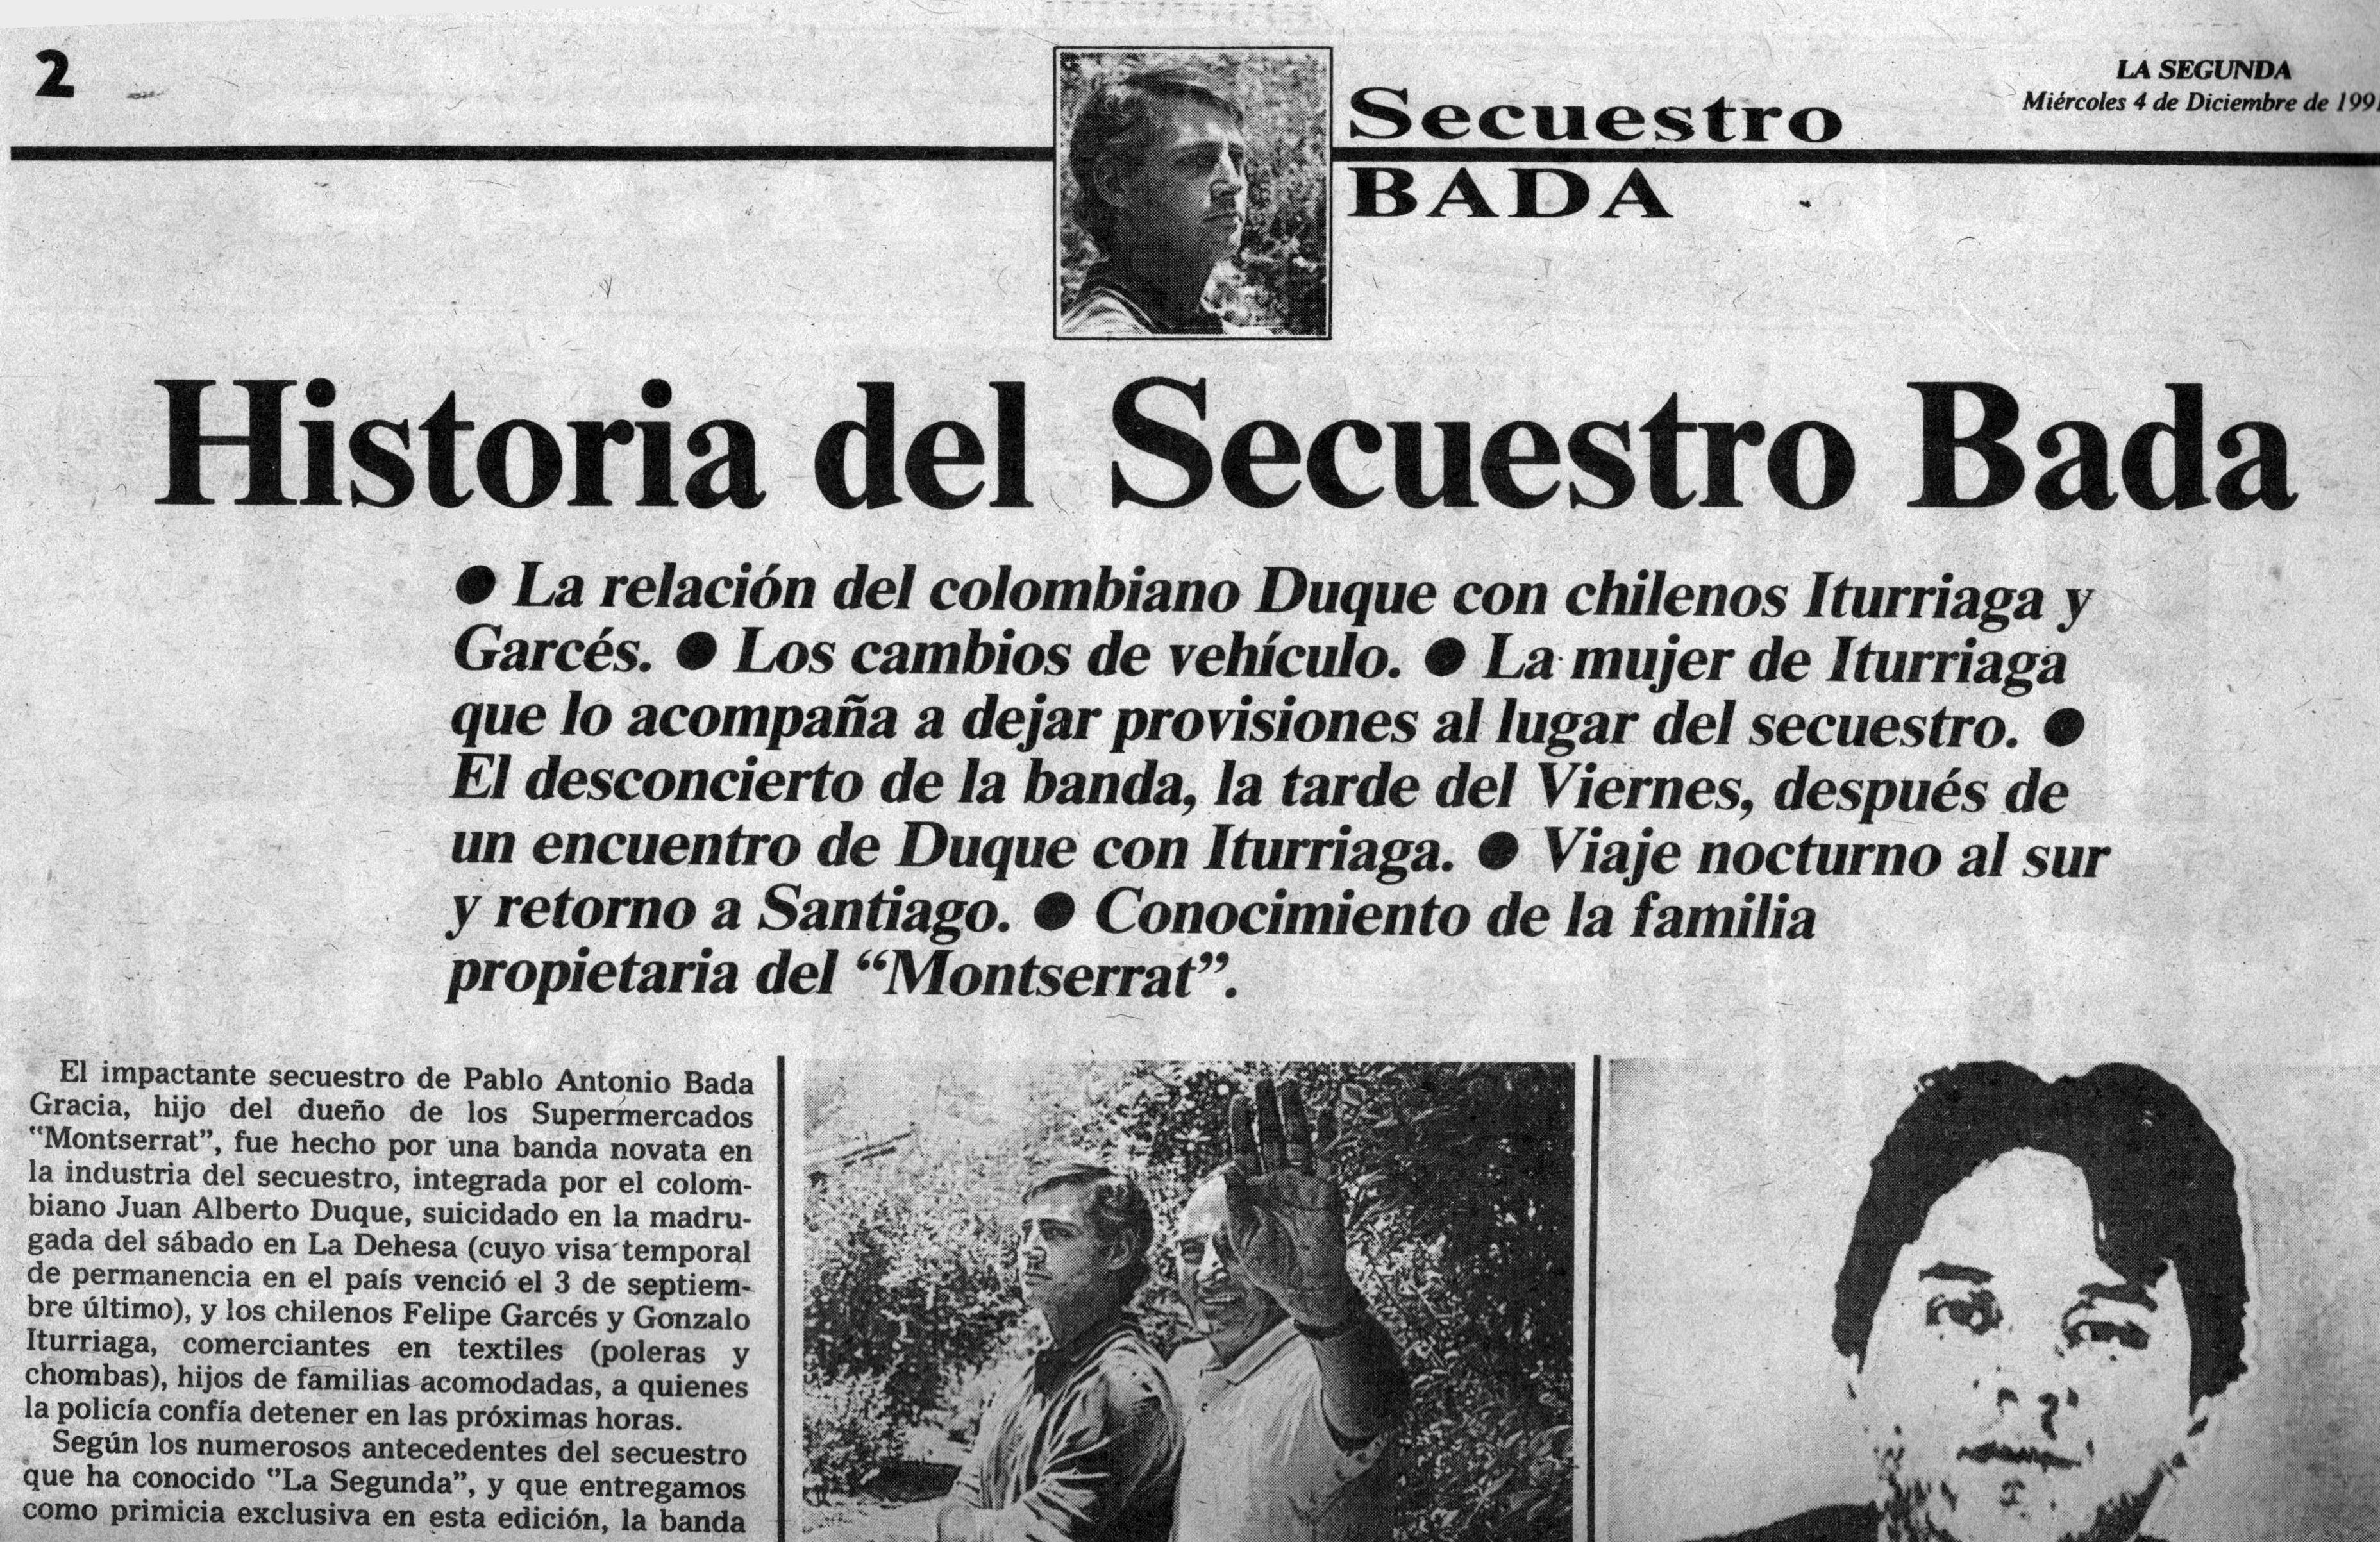 Secuestro de industrial en Chile.